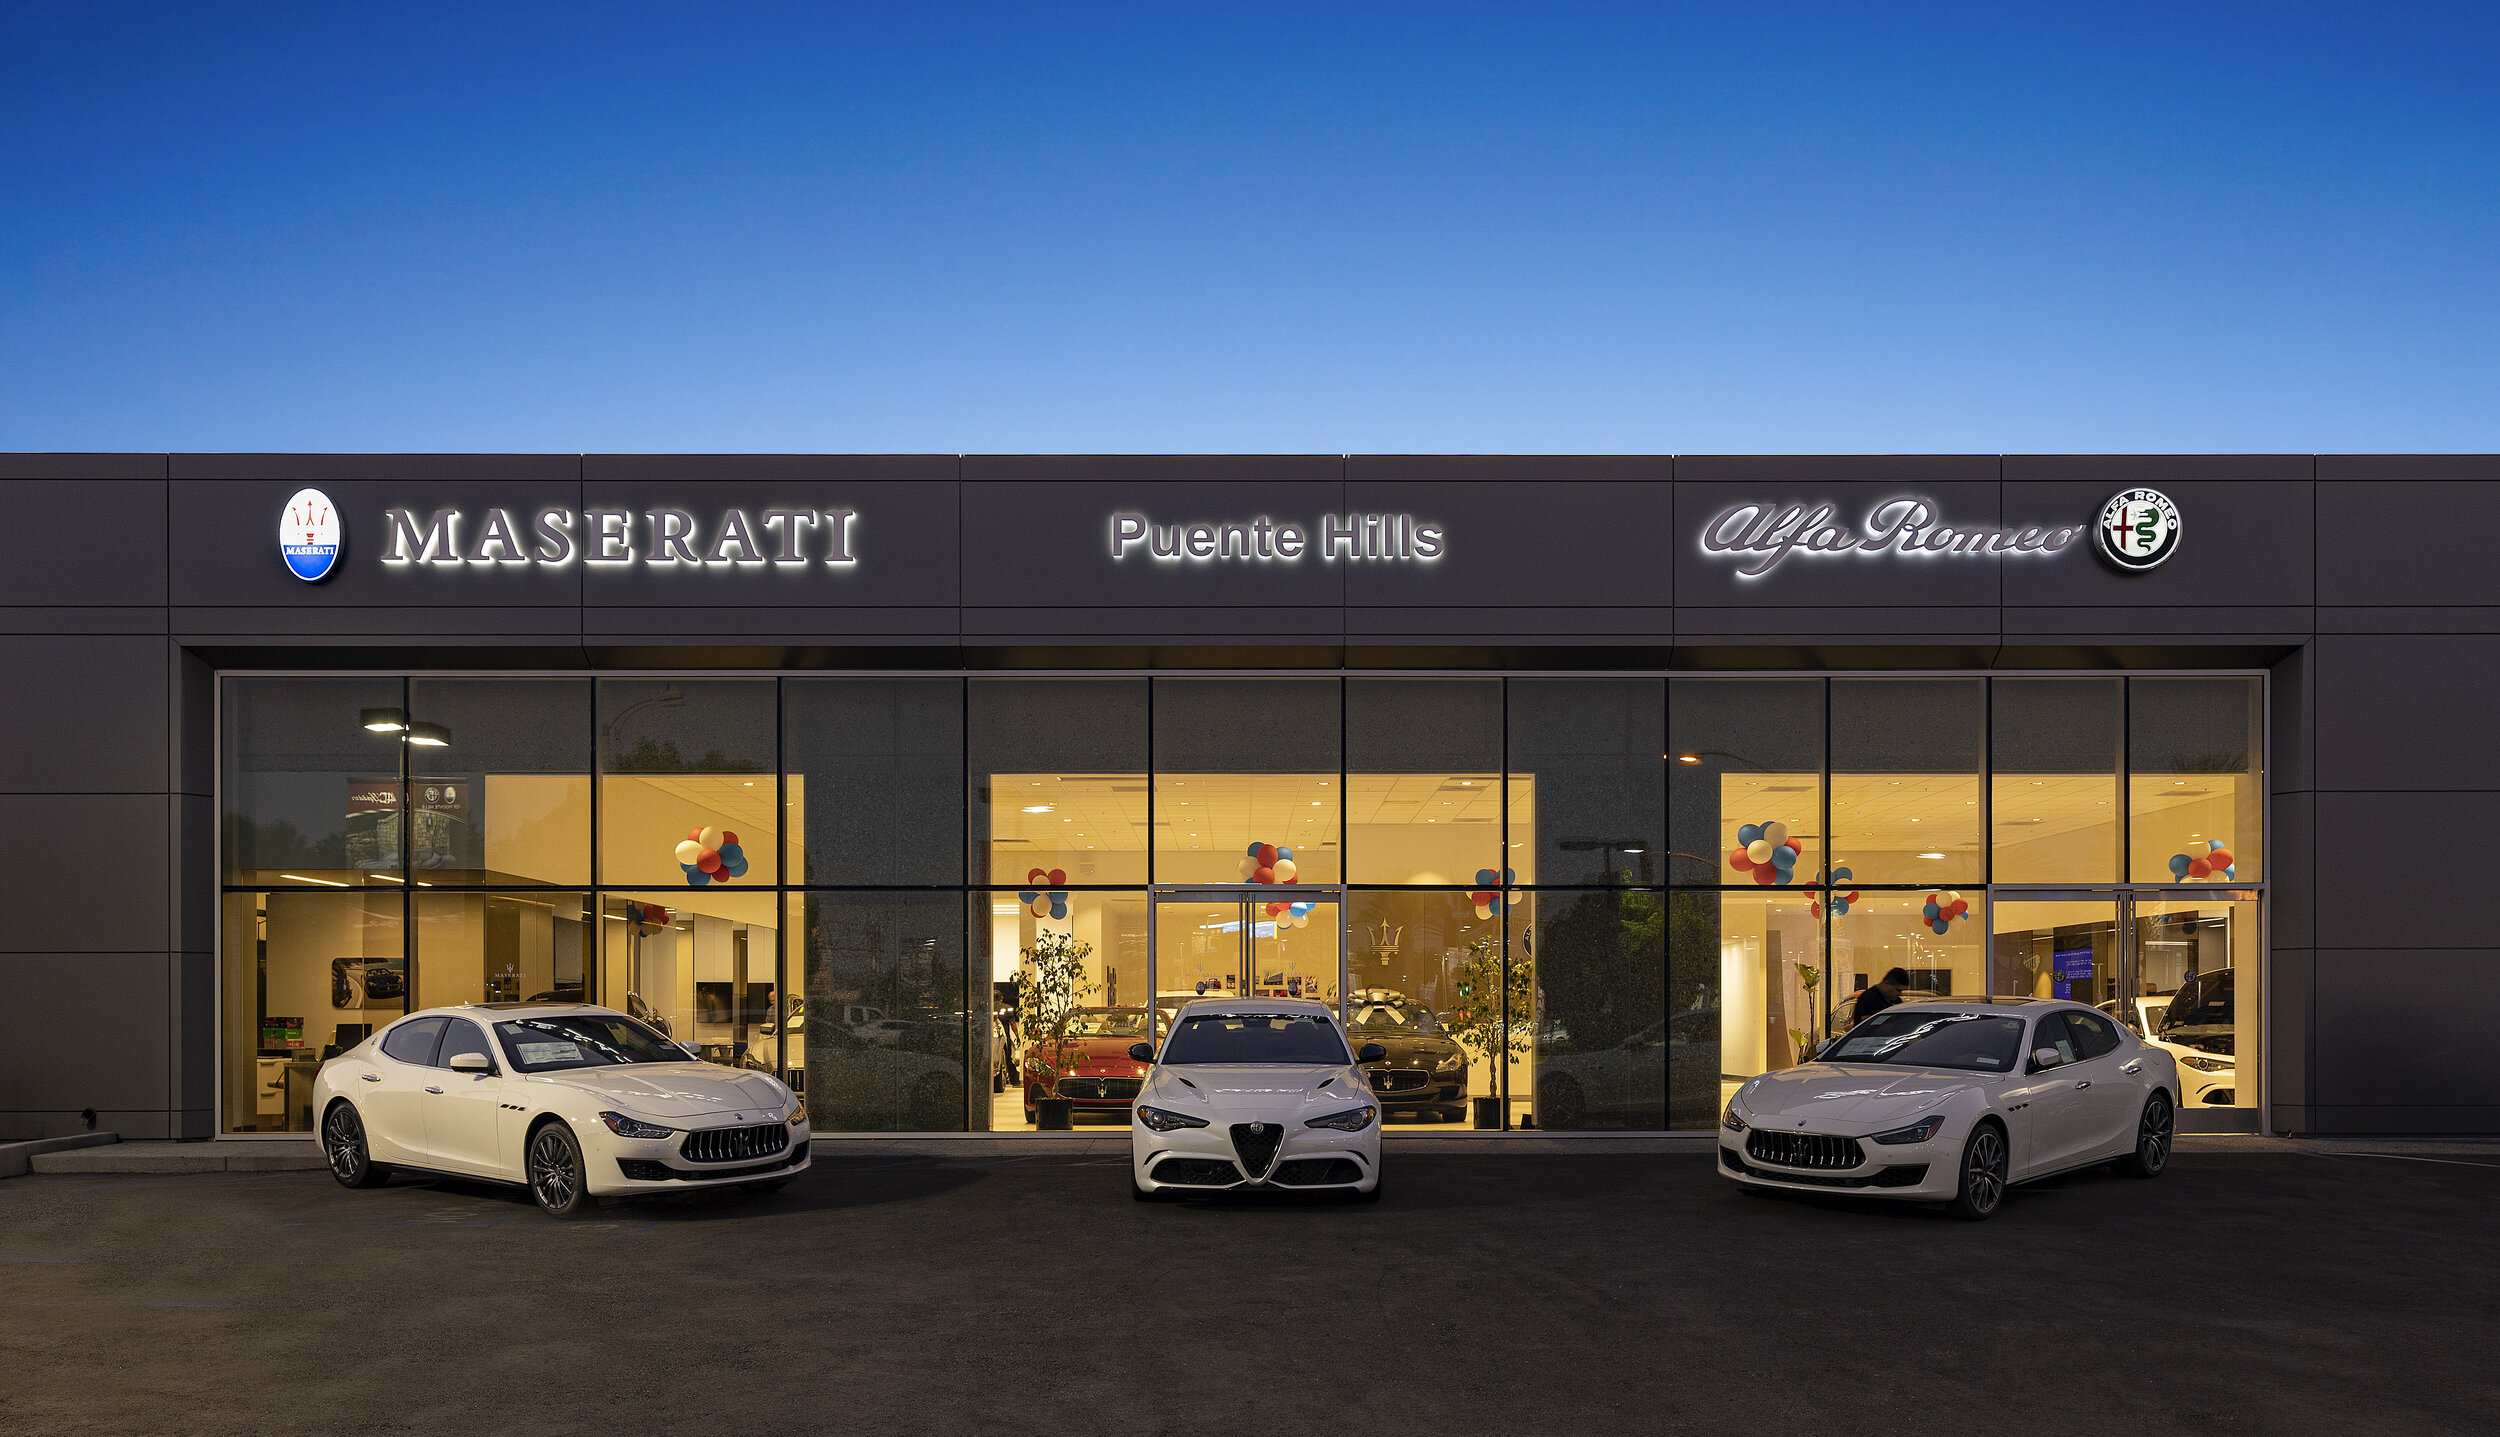 Maserati_02.jpg